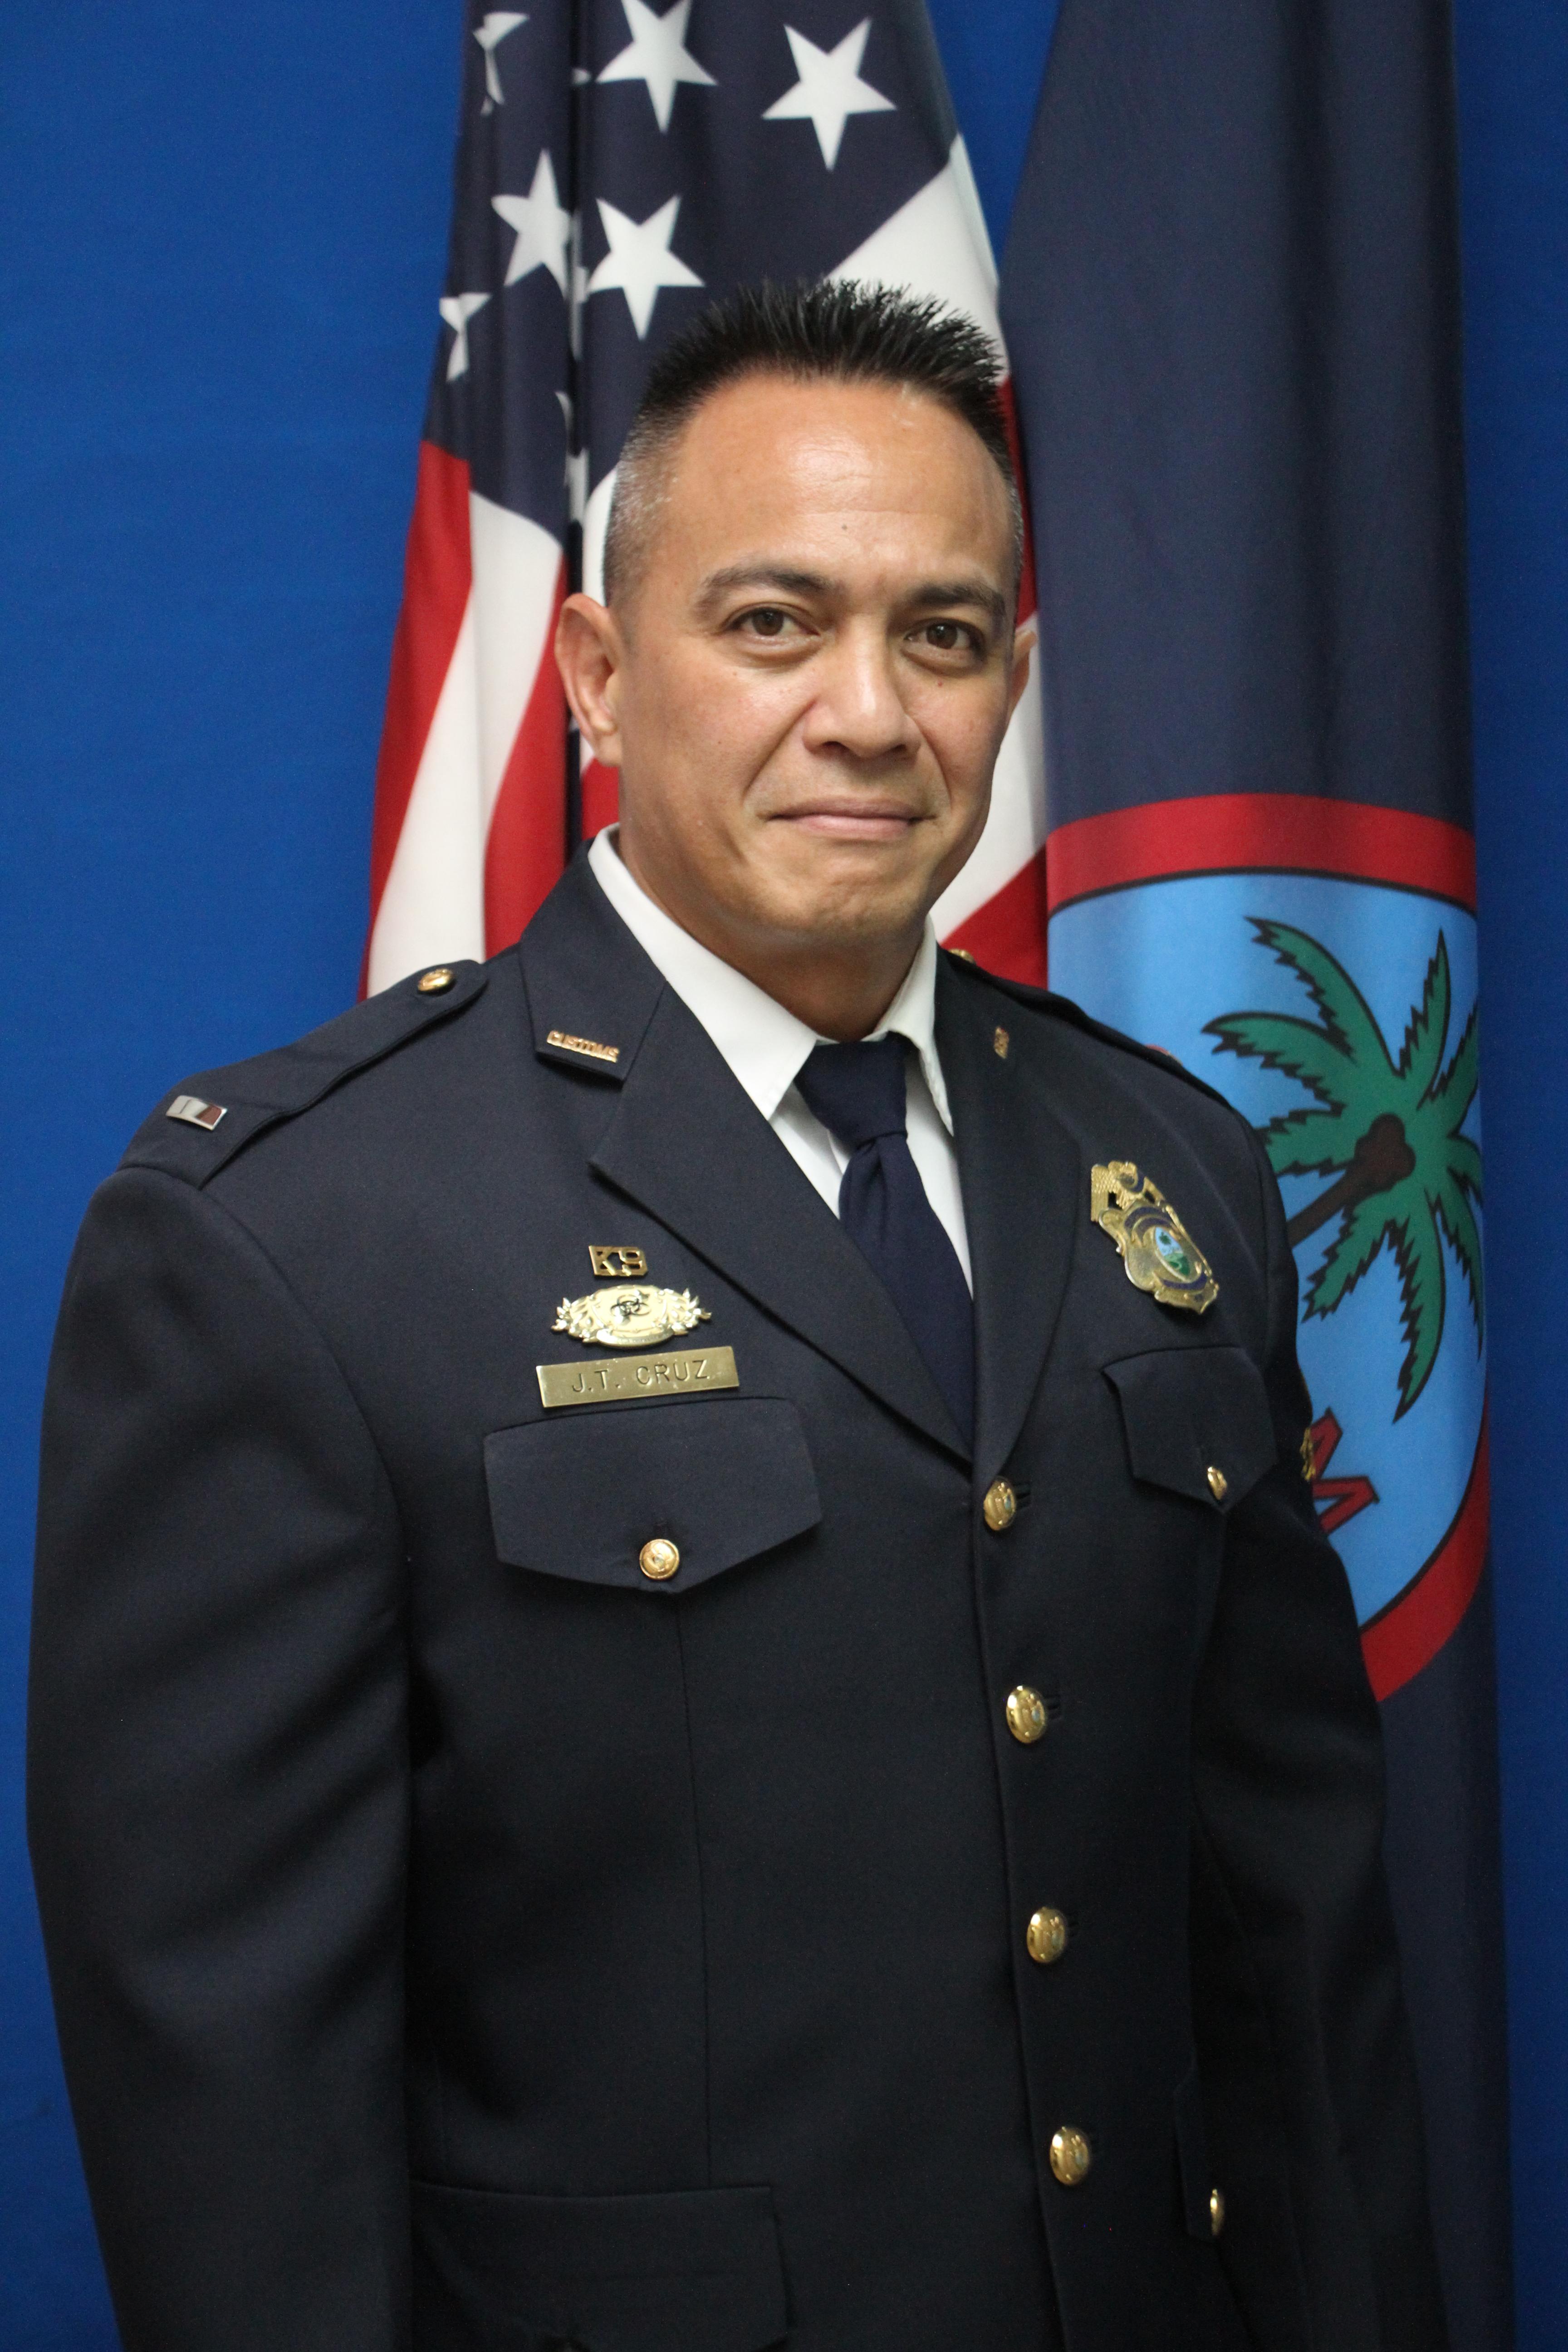 Colonel Joey T. Cruz